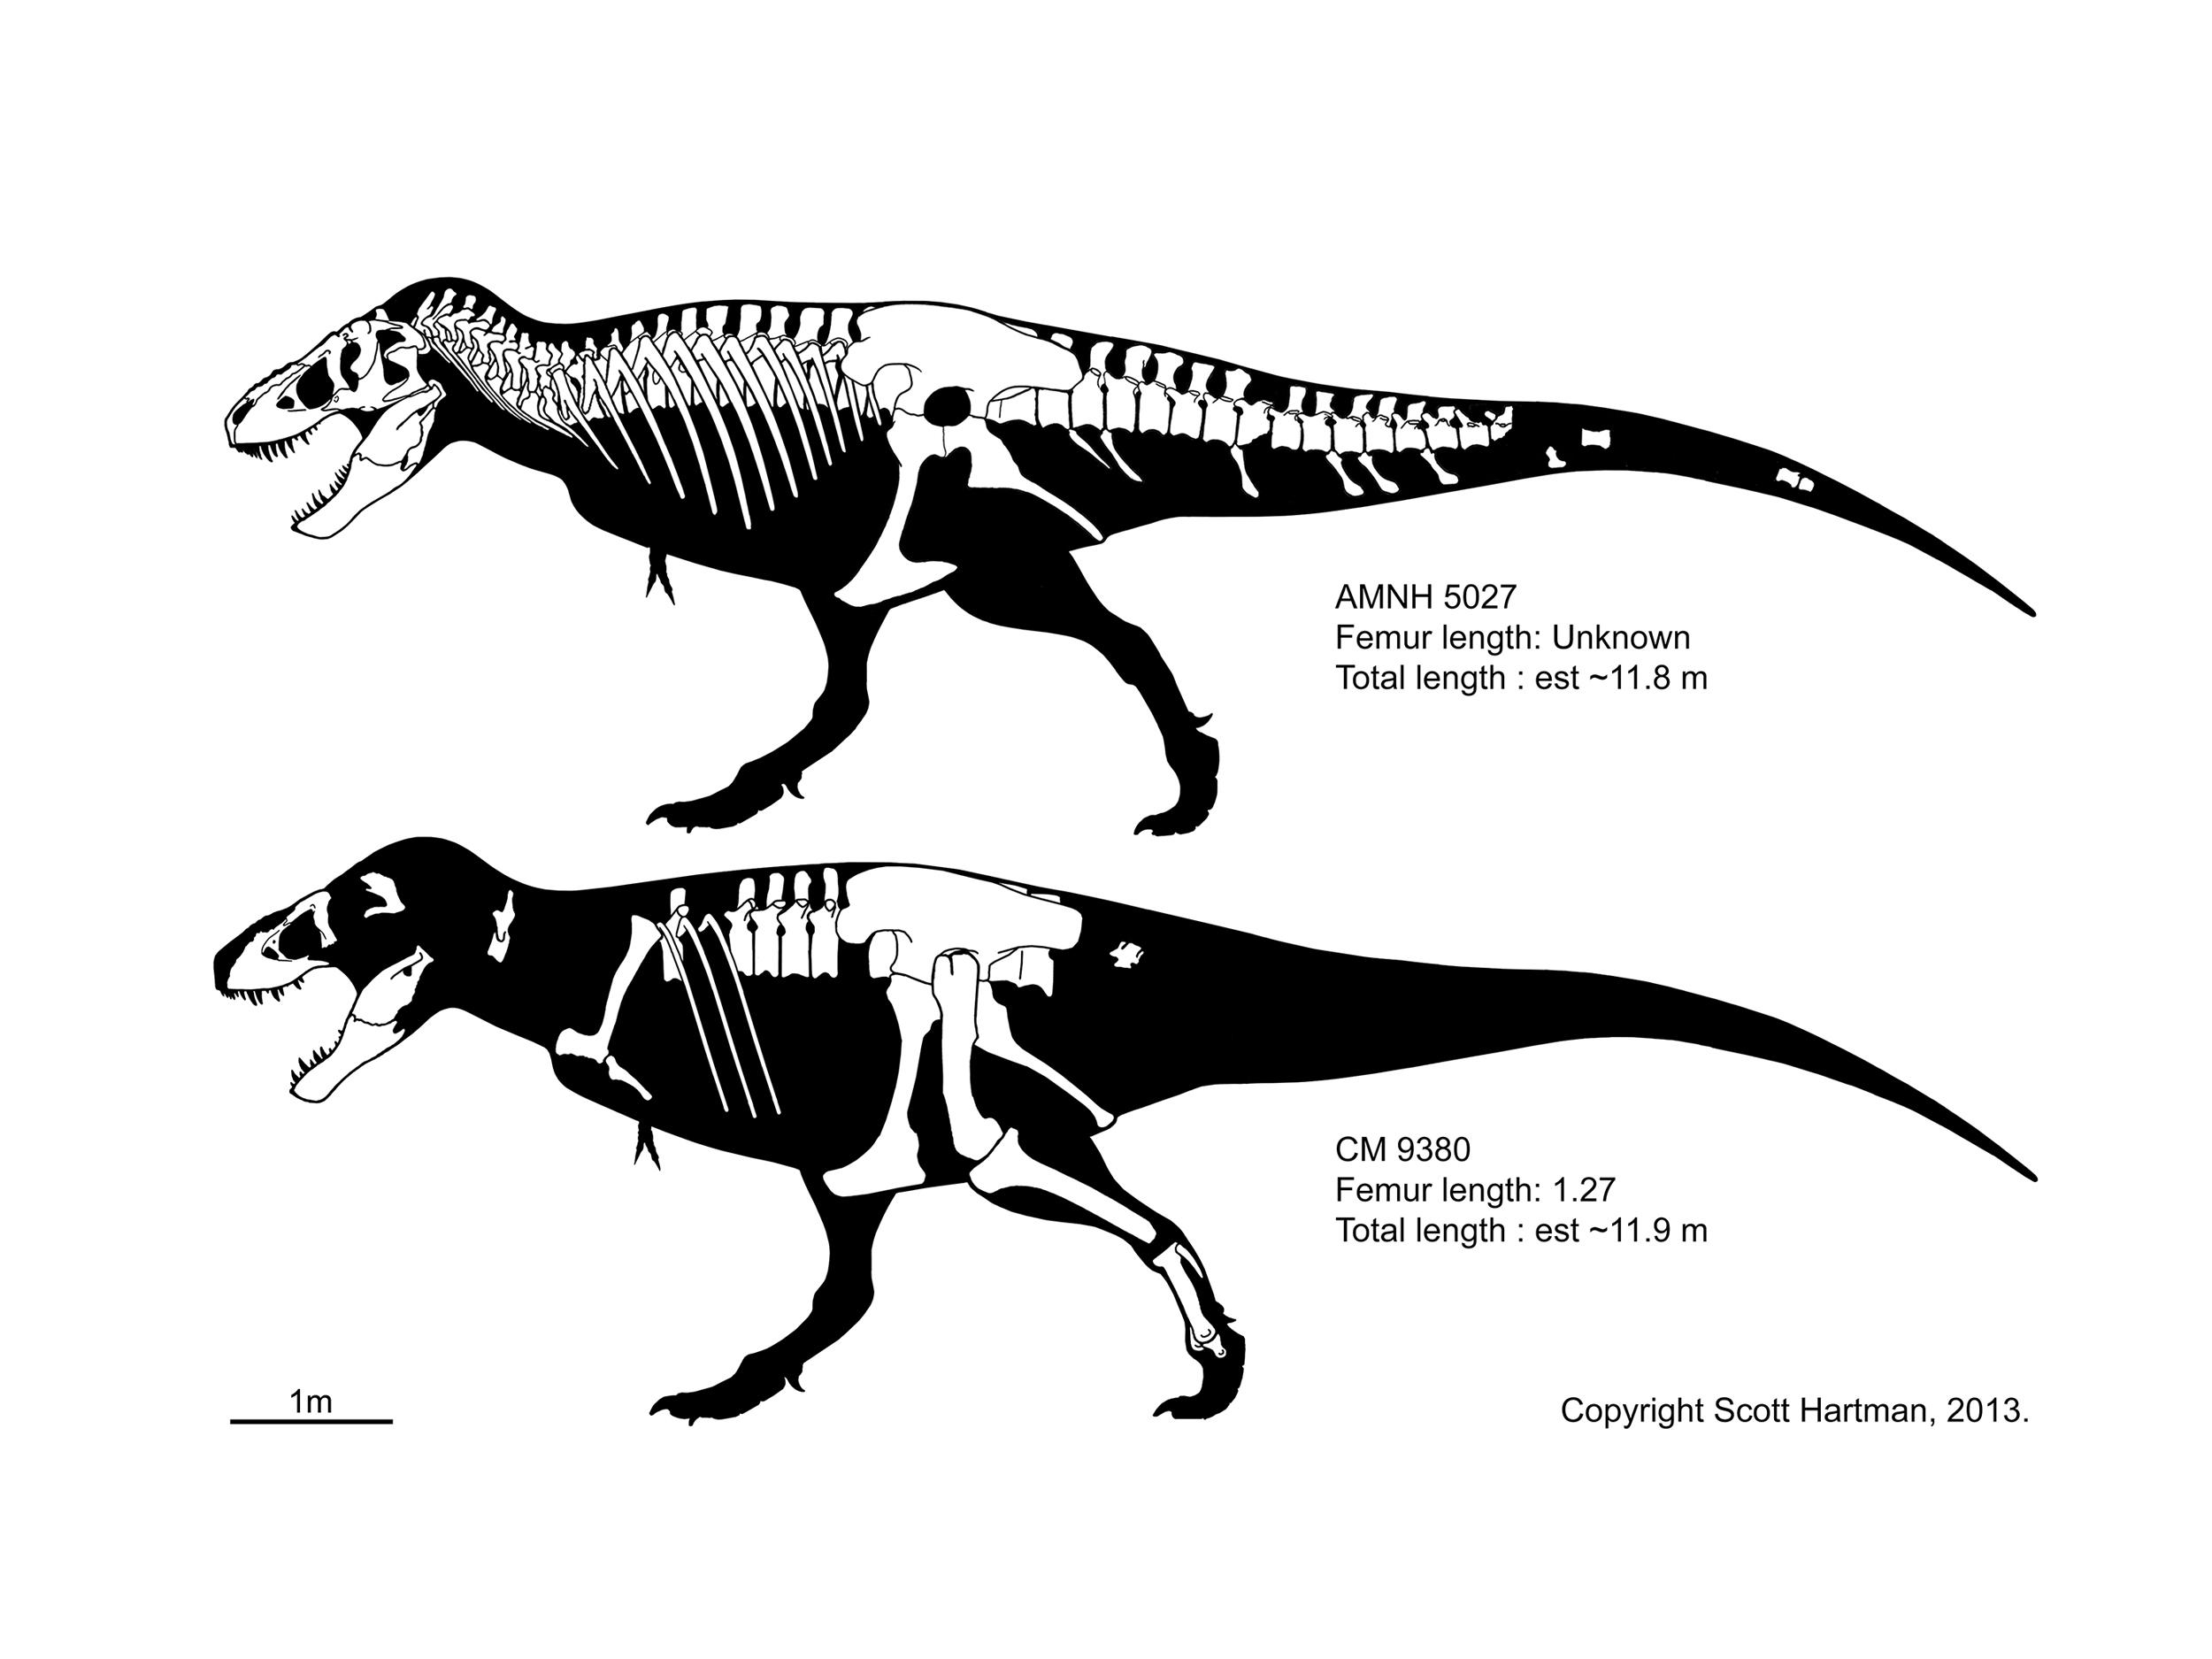 T. rex comparison